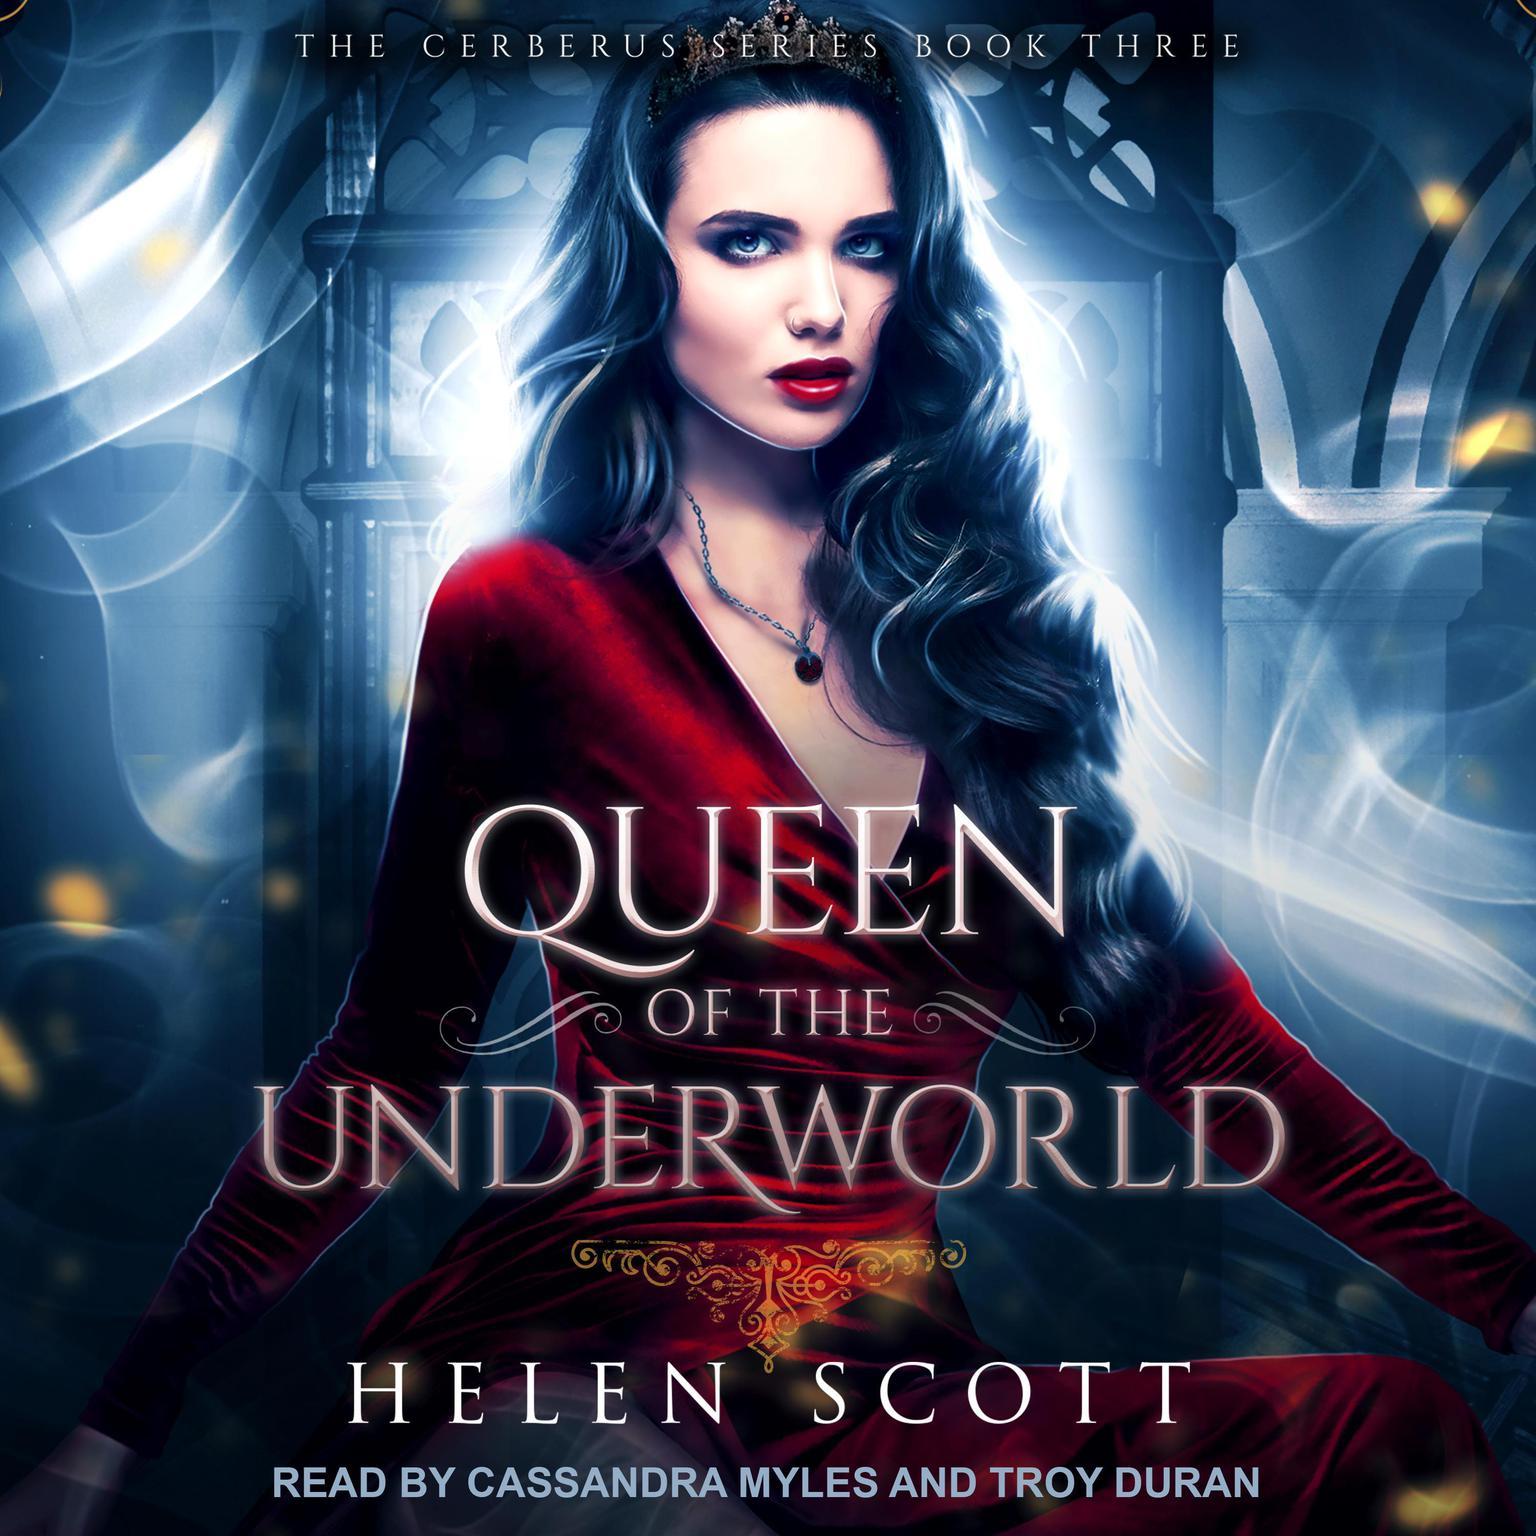 Queen of the Underworld: A Reverse Harem Romance Audiobook, by Helen Scott